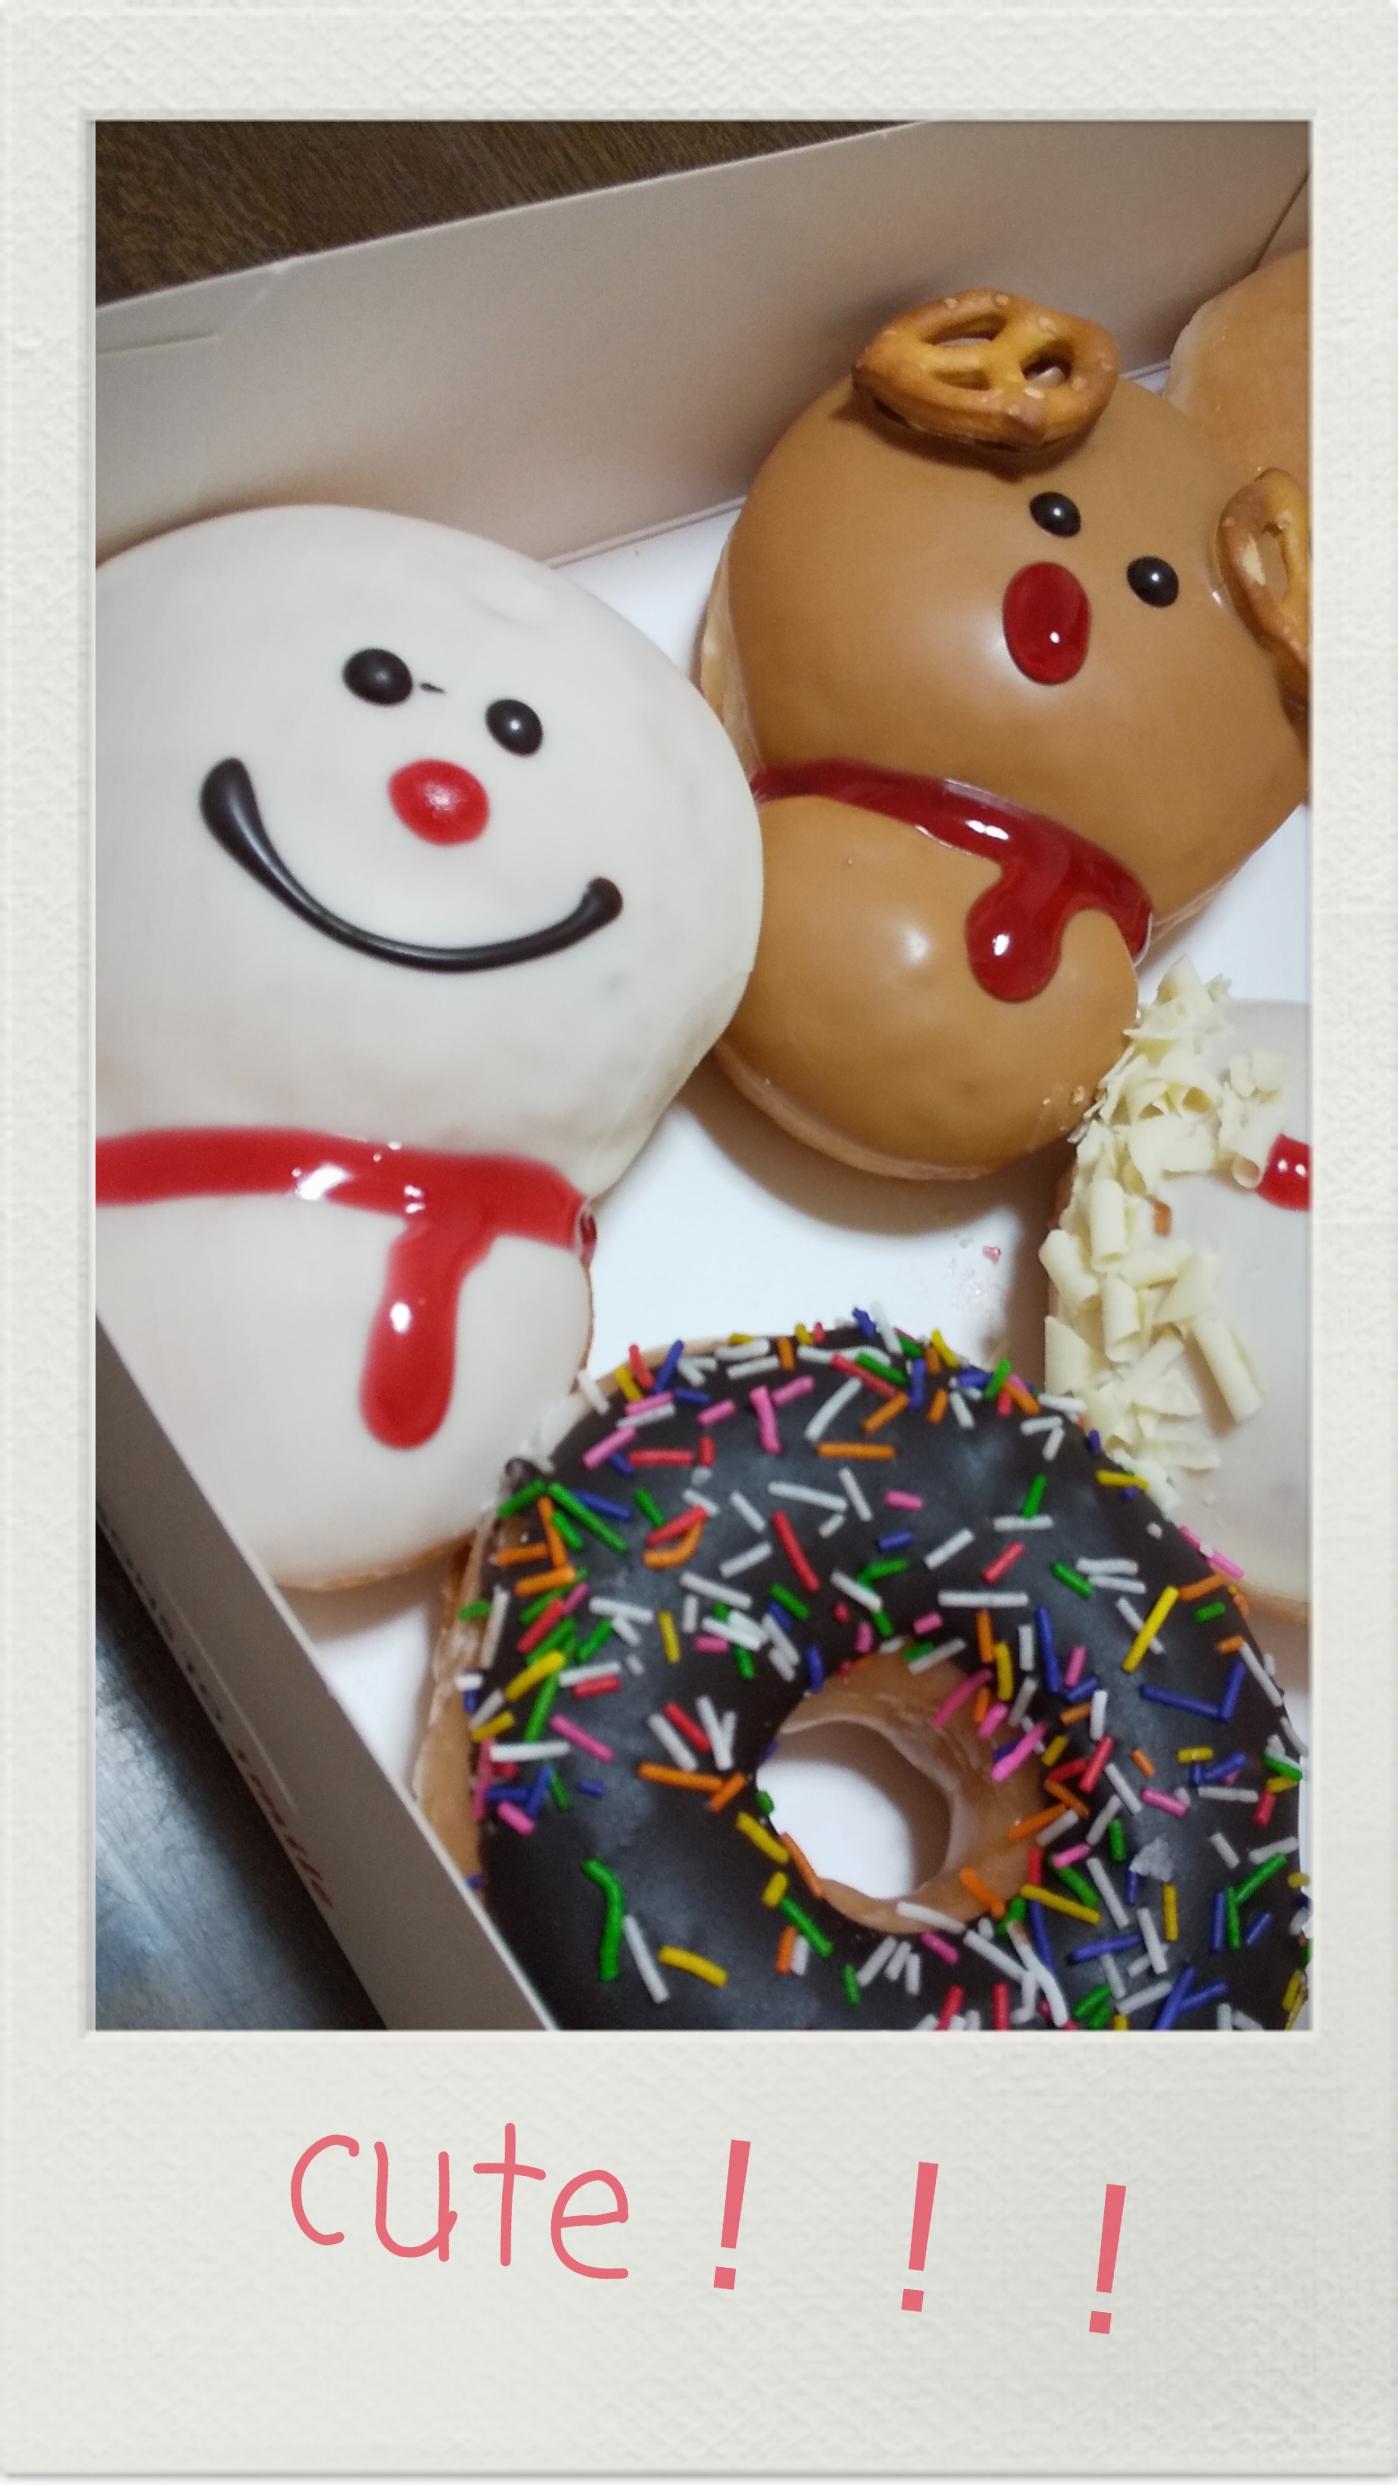 【一足先にクリスマス気分を】クリスピー・クリーム・ドーナツのBABY MERRY  Holidayがかわいすぎる!_2